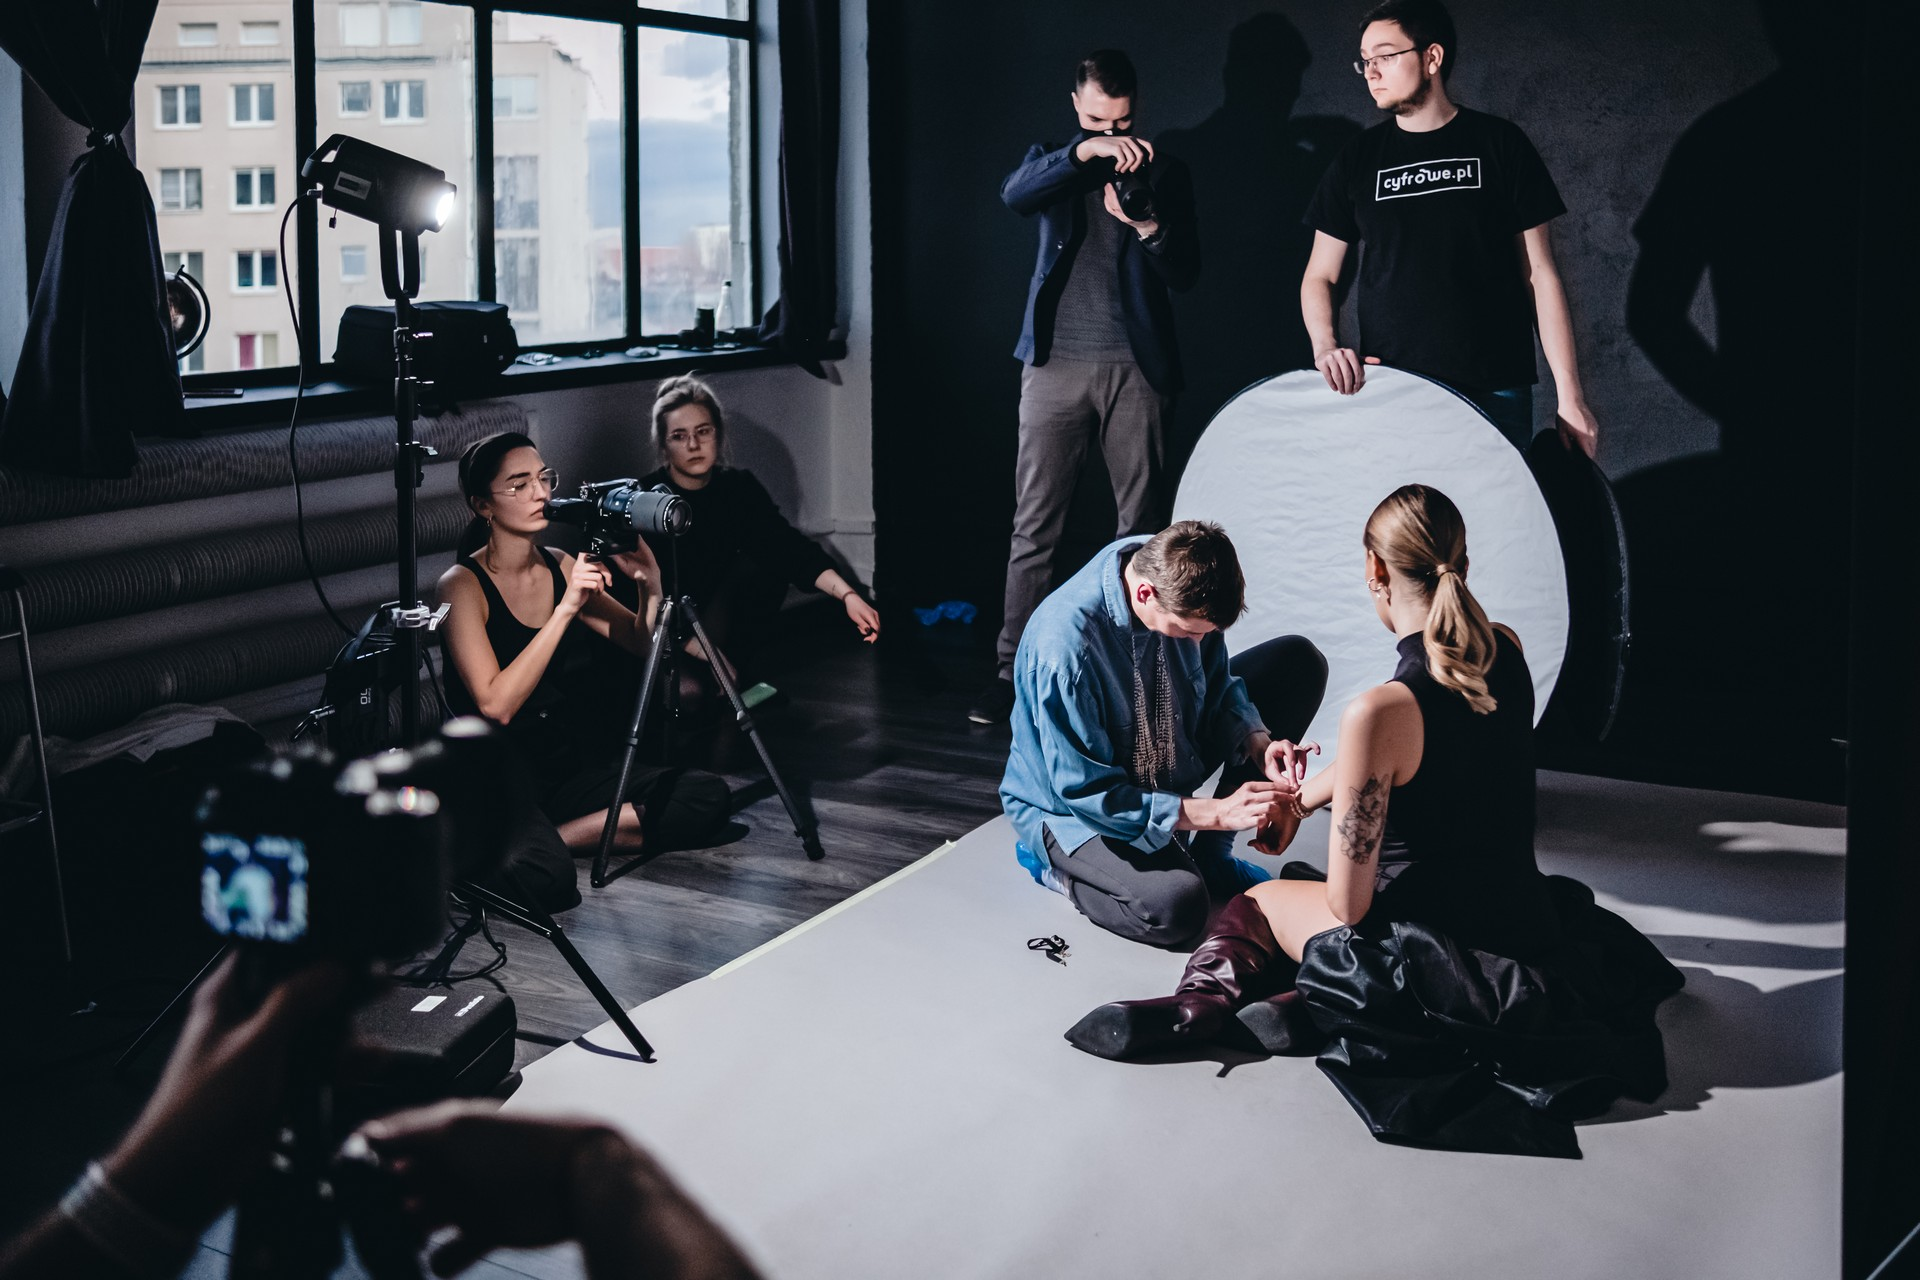 Backstage w Studio Onegog fot. Jarosław Respondek